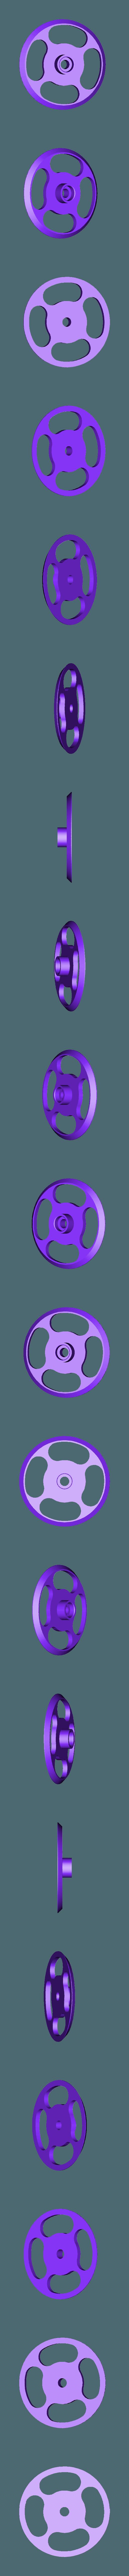 V2K2.stl Télécharger fichier STL gratuit Margeur de soudure • Modèle à imprimer en 3D, Ruvimkub